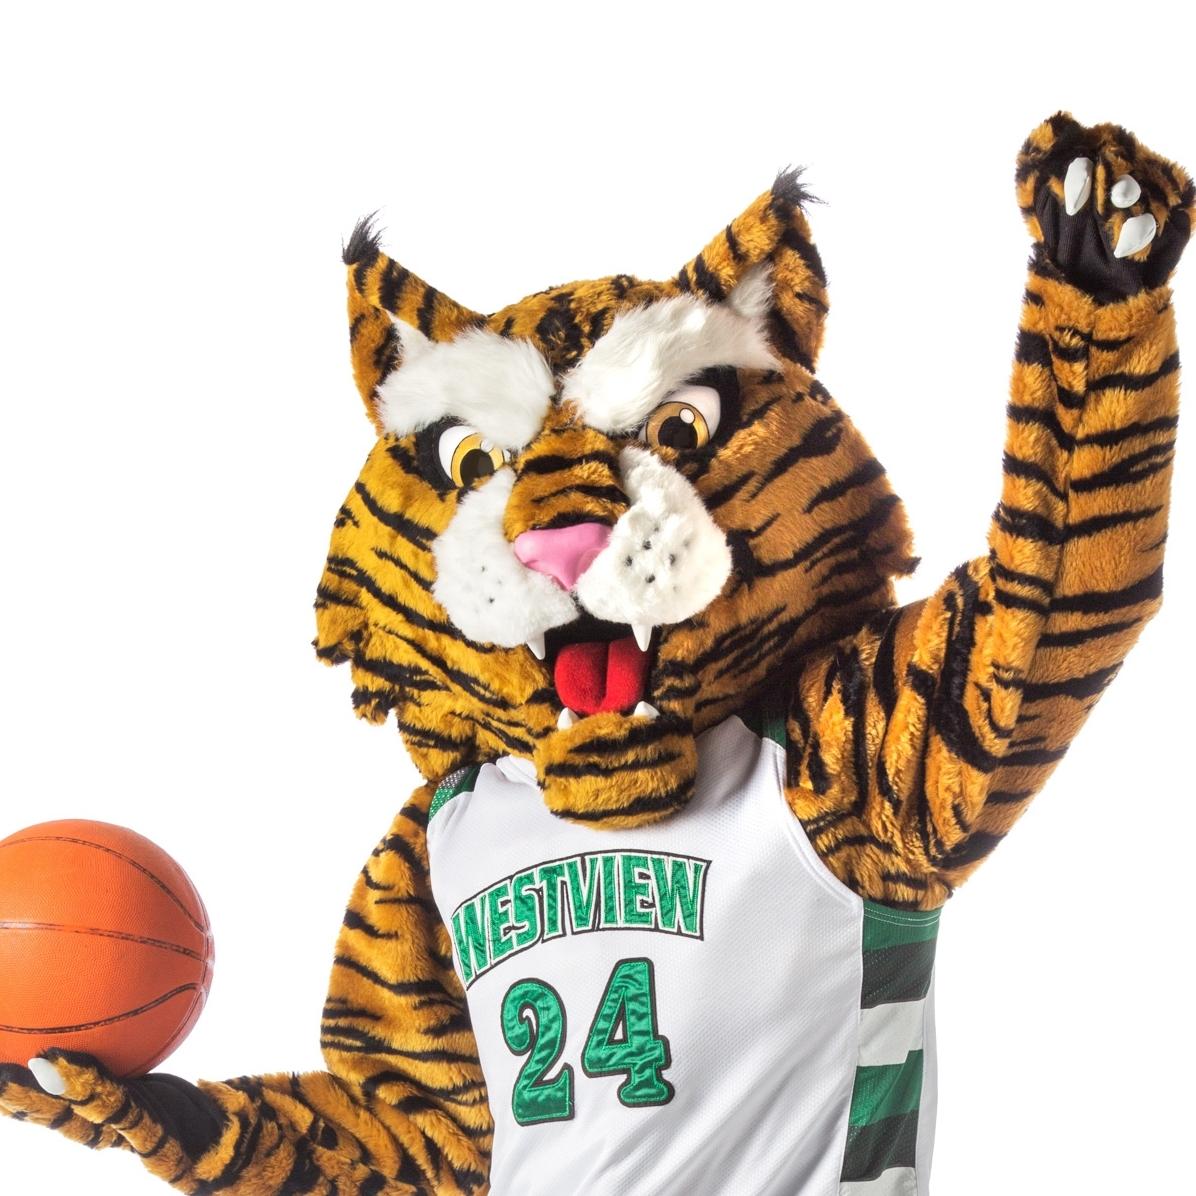 Westview High Wildcats